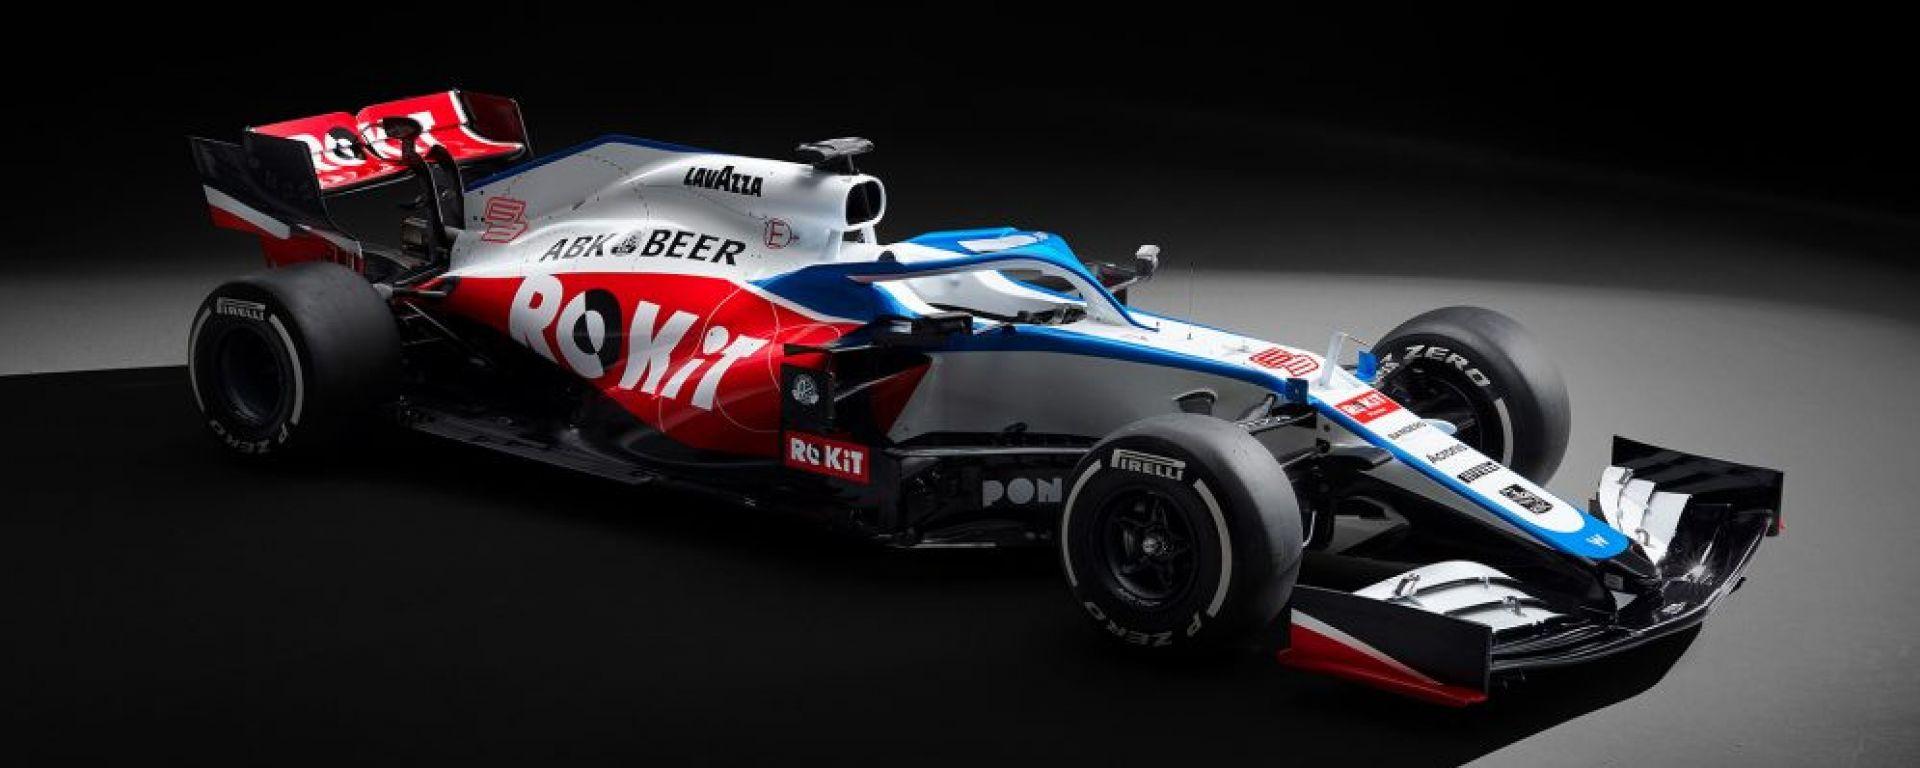 La presentazione della Williams 2020